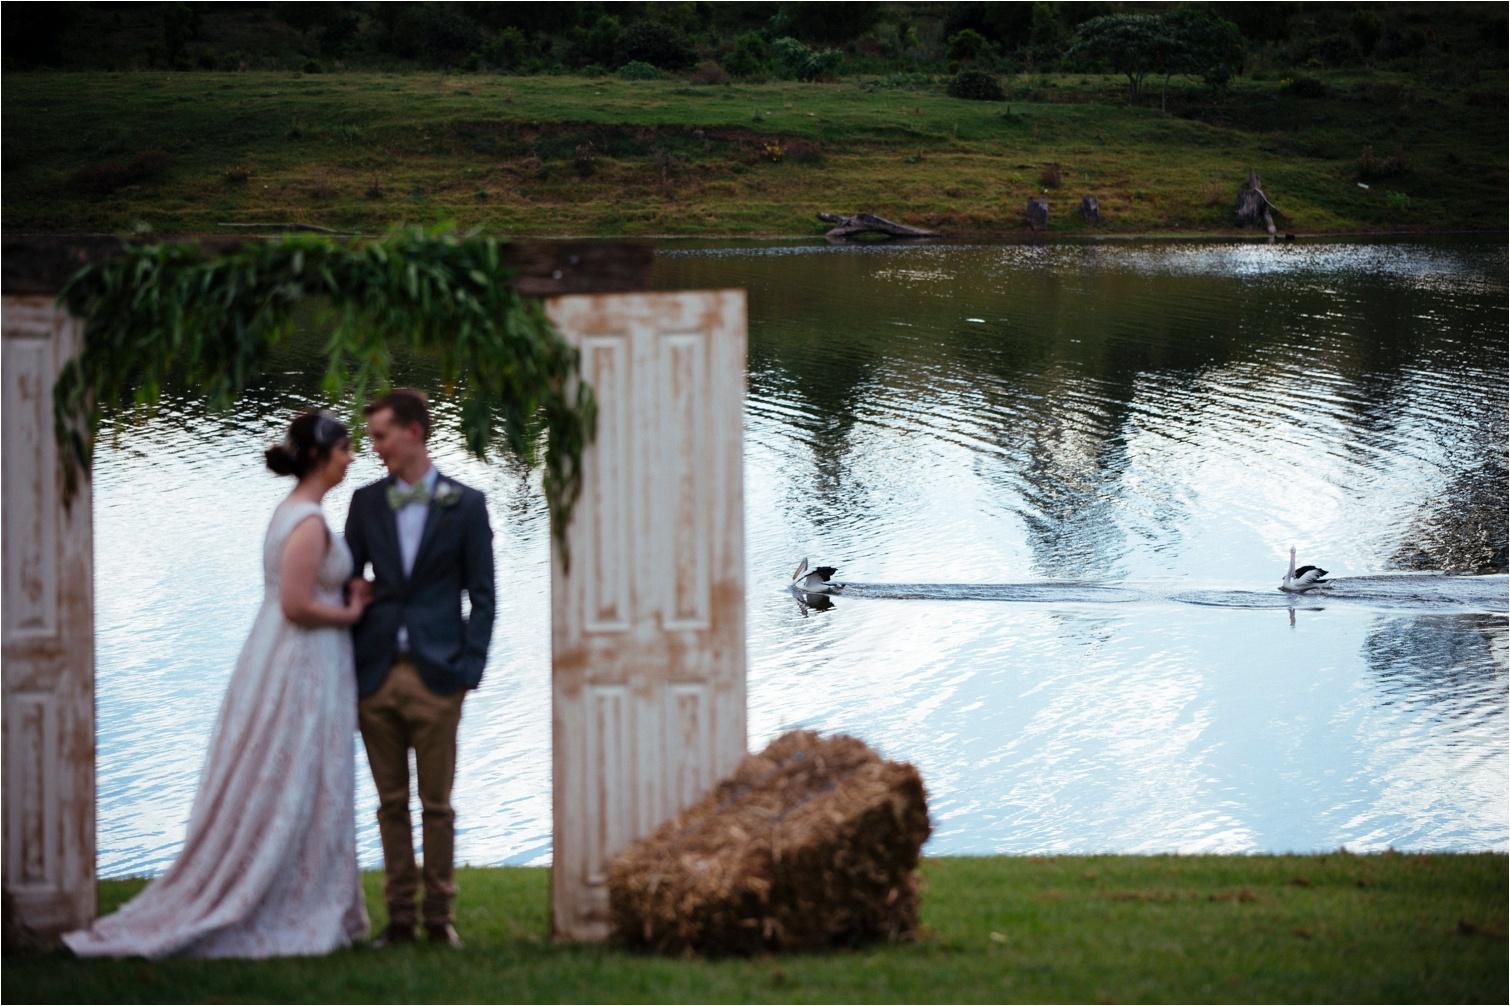 Somerset-Dam-Wedding_Monica-and-Pieter_by-The-Follans_0049.jpg